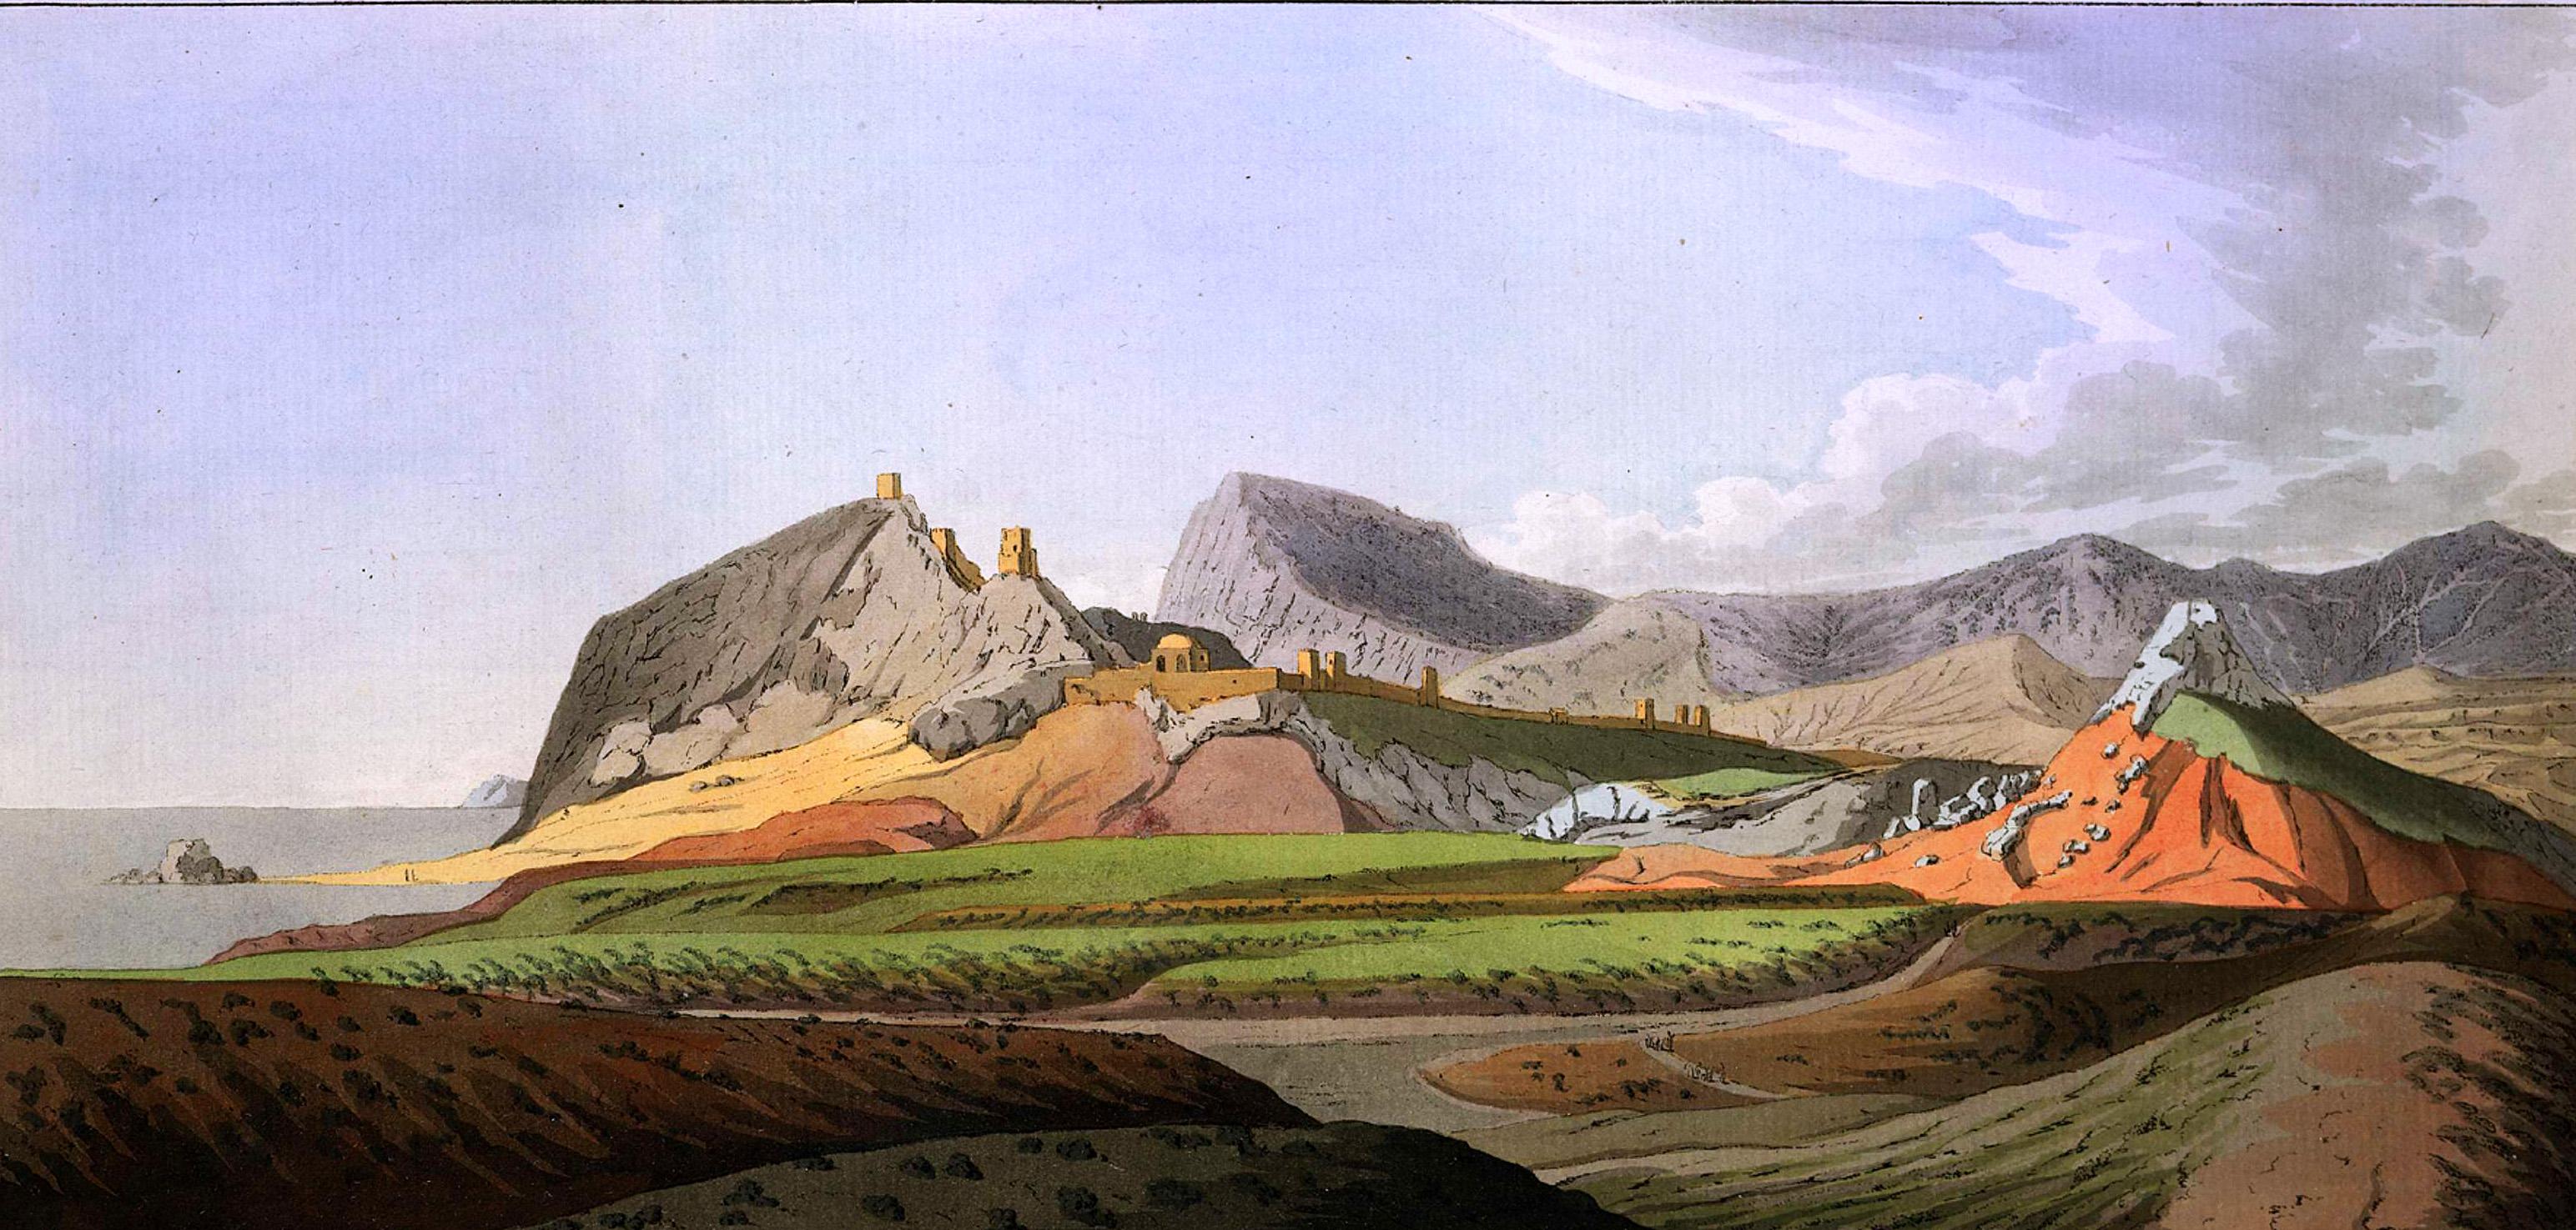 2-16. Старая генуэзская крепость Сольдайя, или Судаг, рисованная с восточной стороны долины, с лежащей позади скалой Куш-кая, состоящей из мраморовидного известняка и дающей понятие о горах этого рода в Тавриде. Крепость построена на такой же известковой